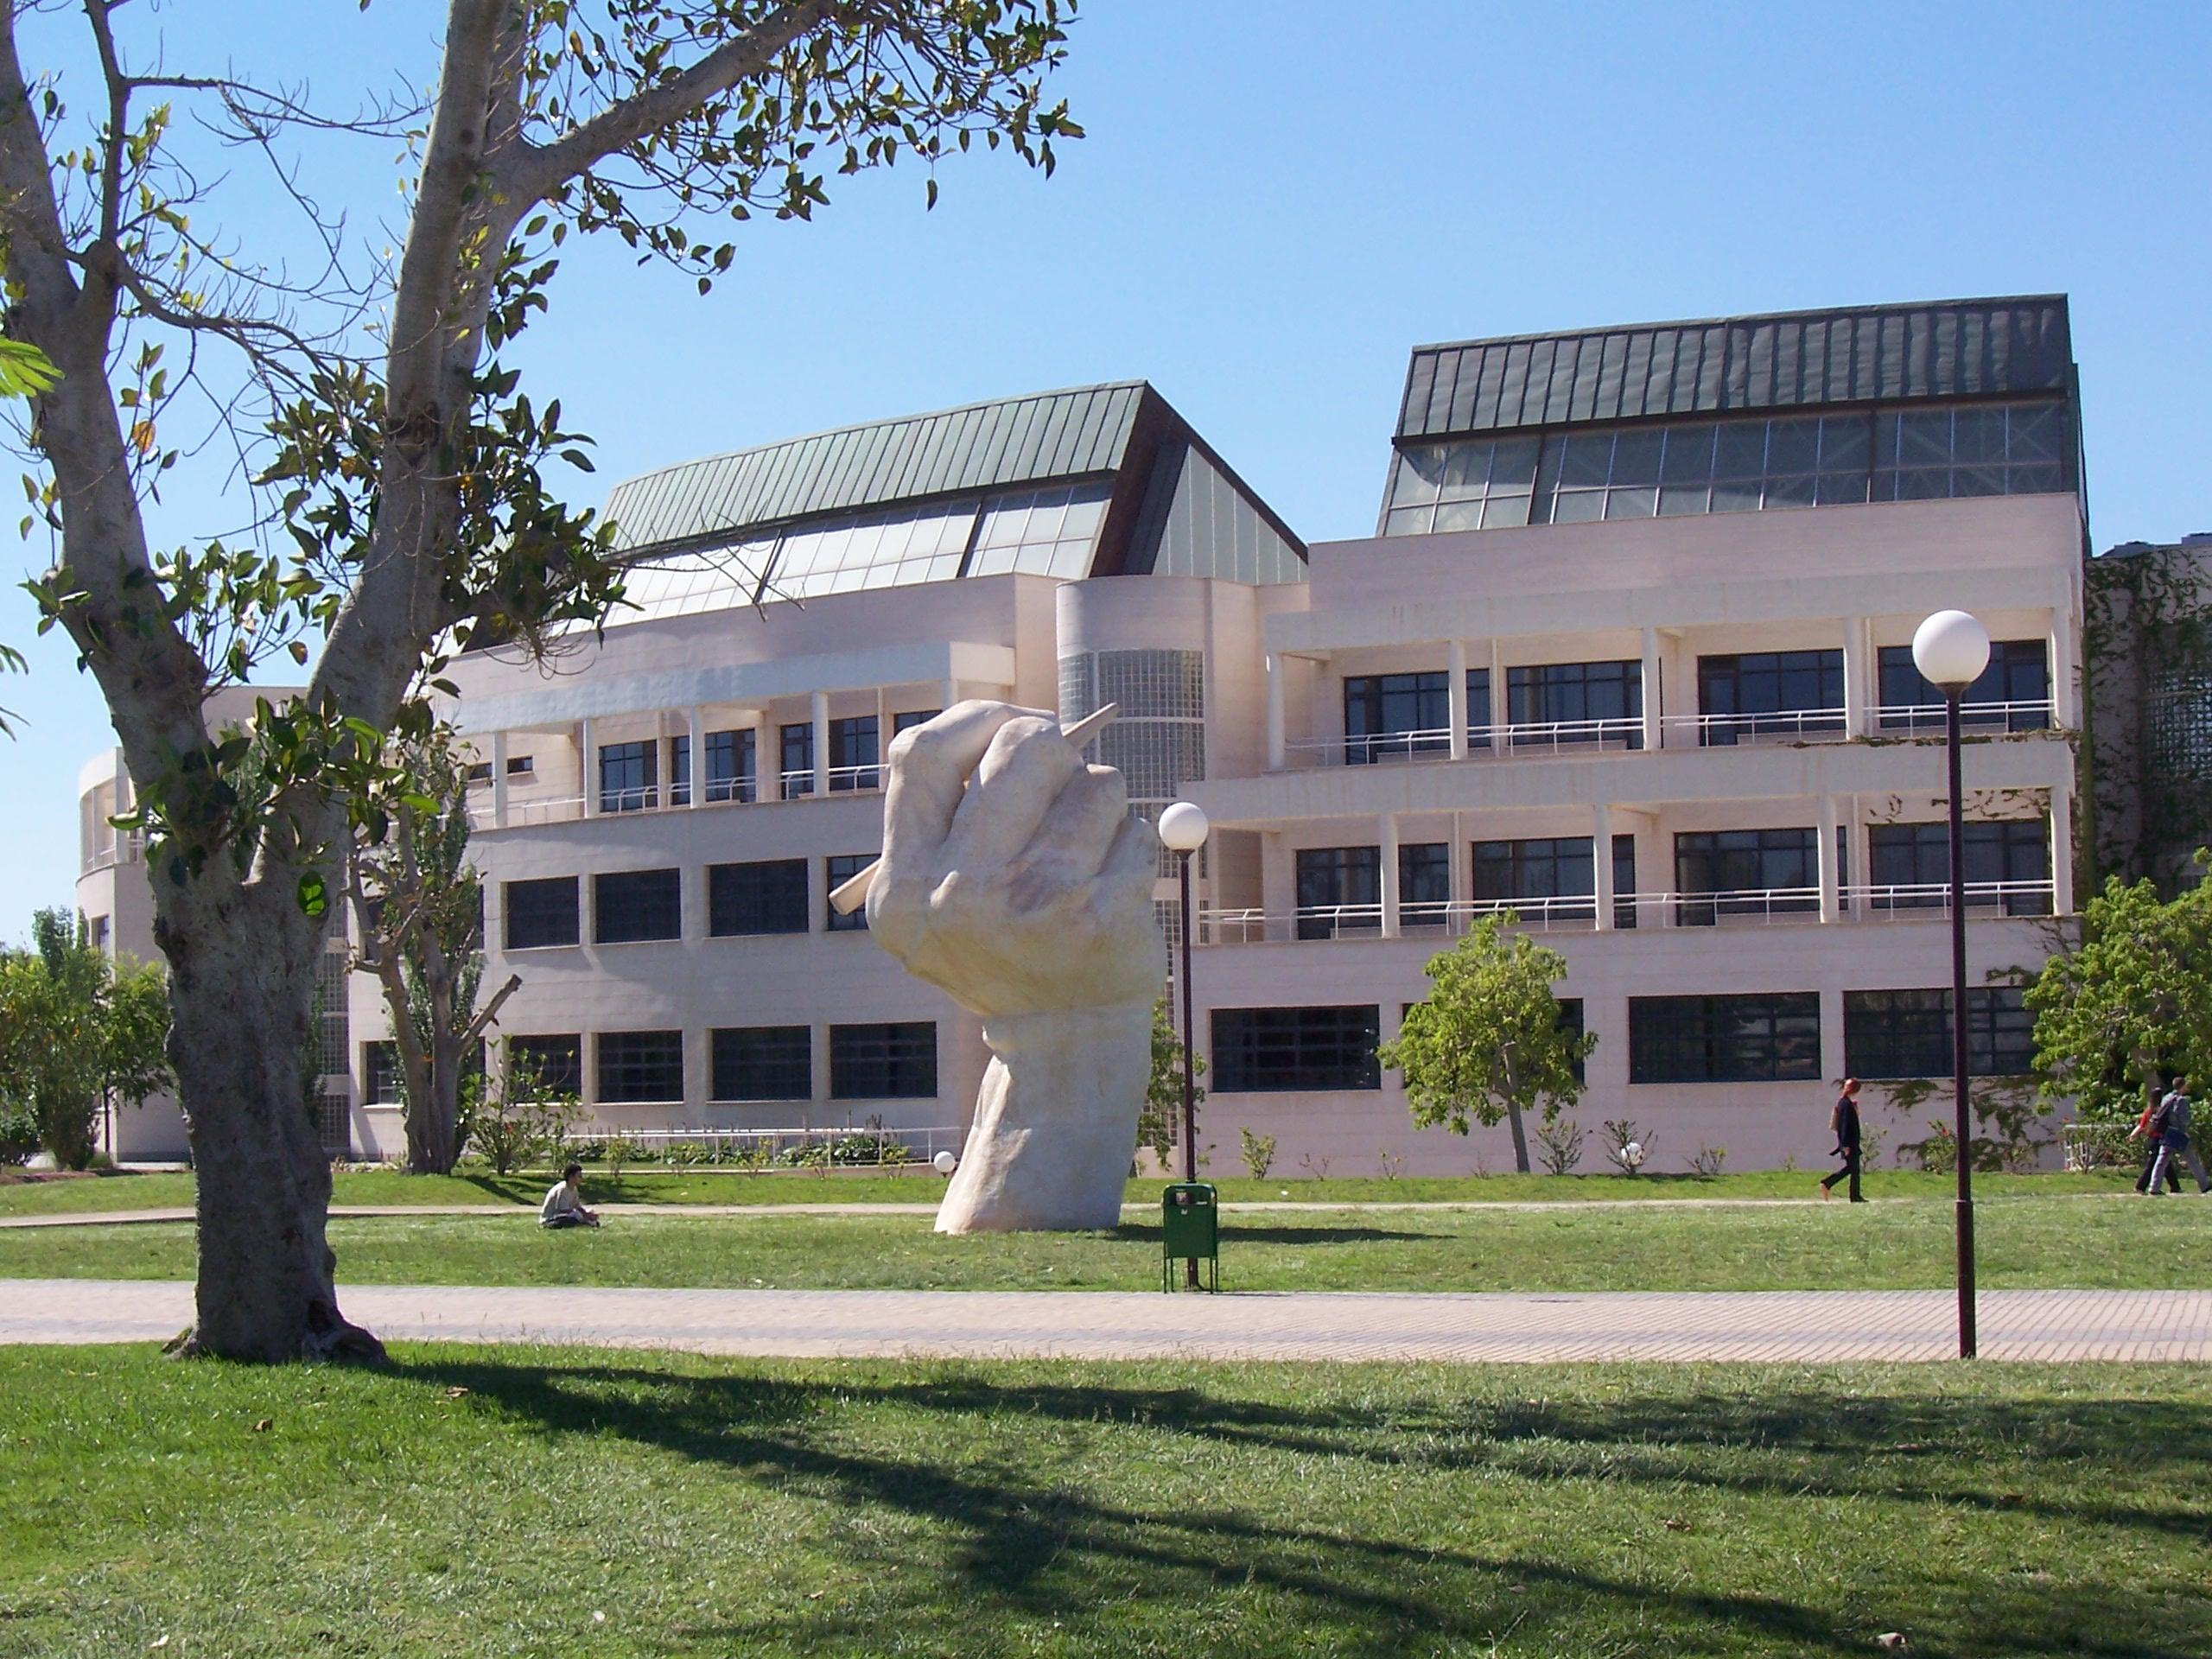 Universität von Alicante